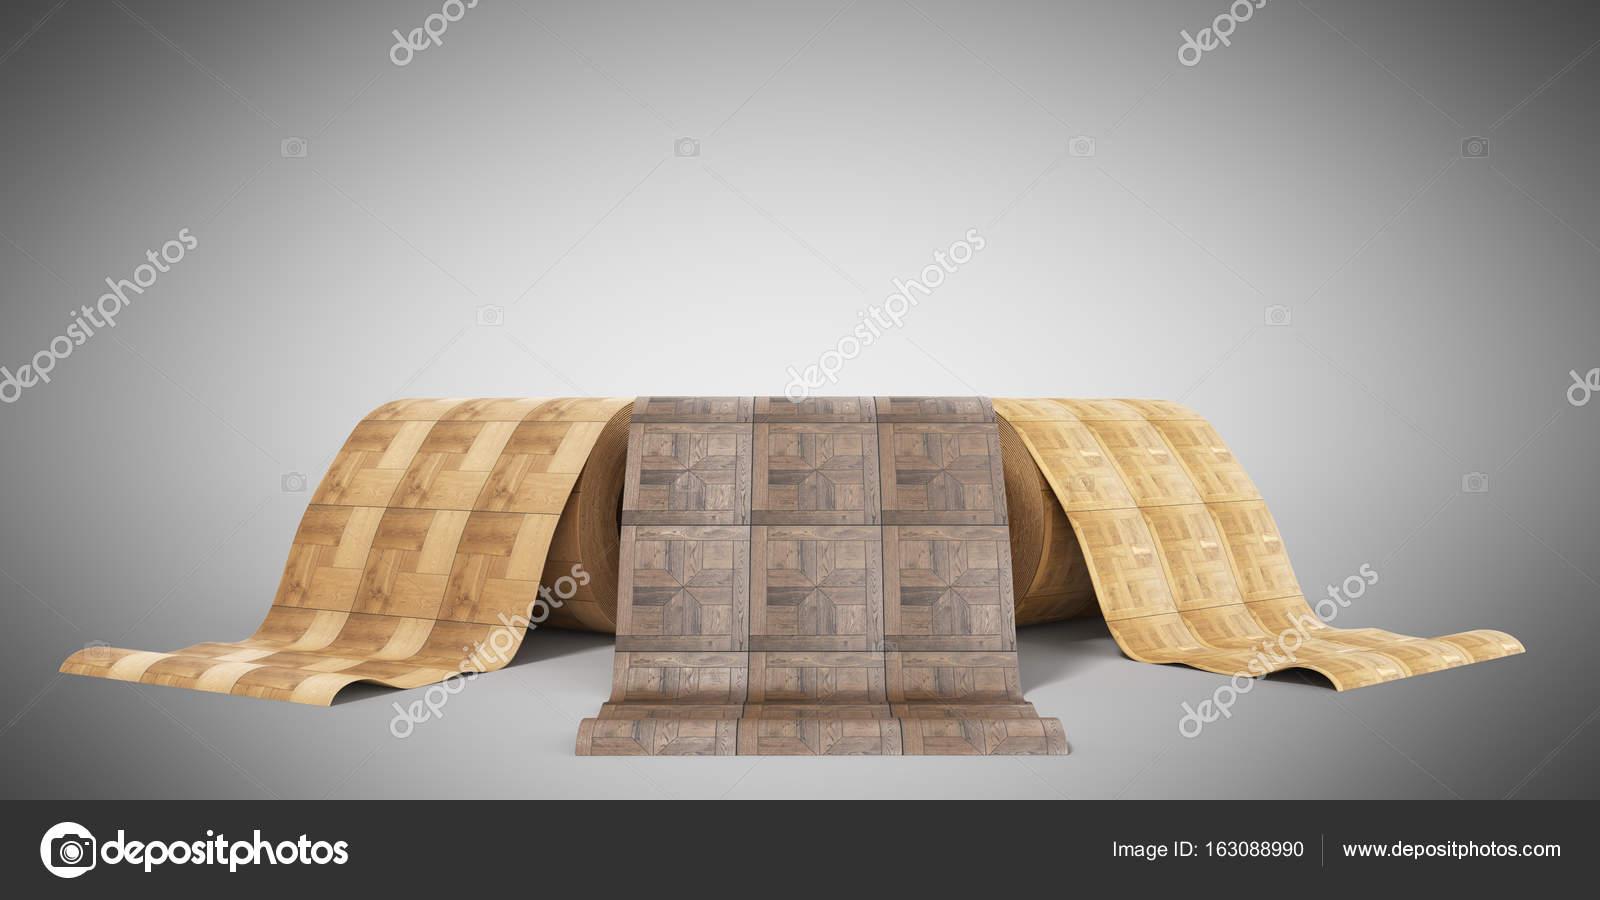 Rollen van linoleum met houtstructuur 3d illustratie op grijs